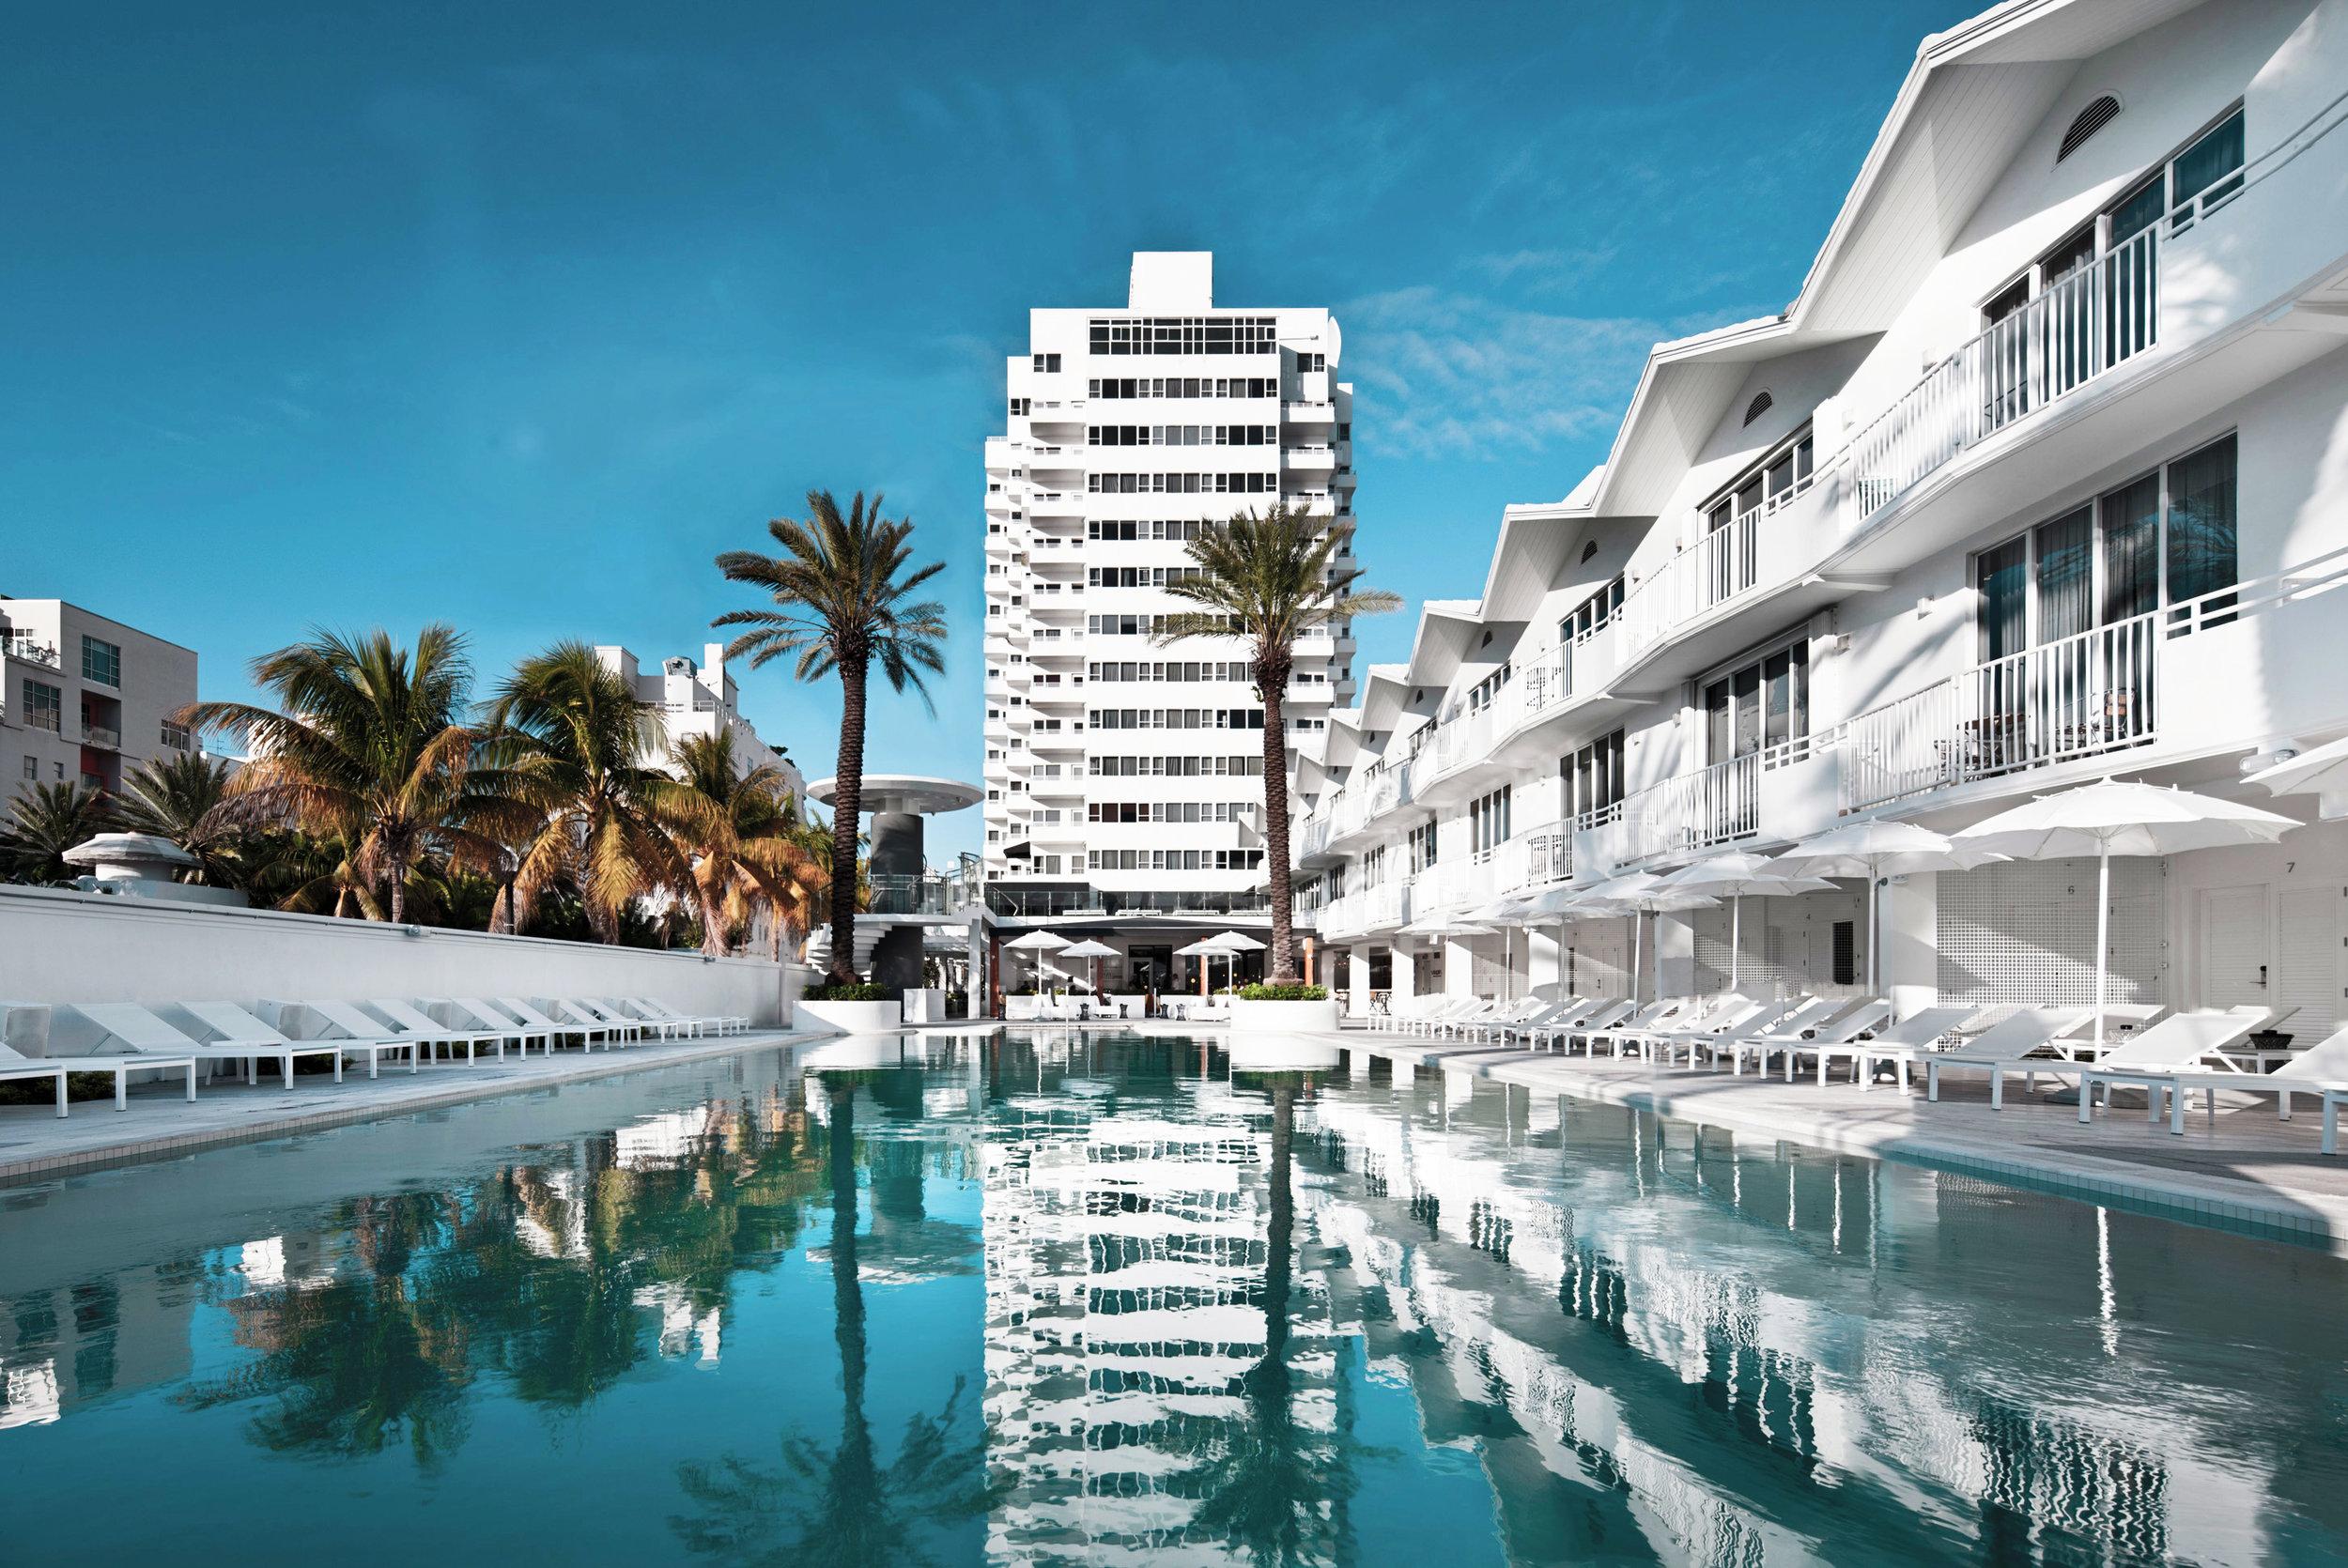 The Shelborne | South Beach